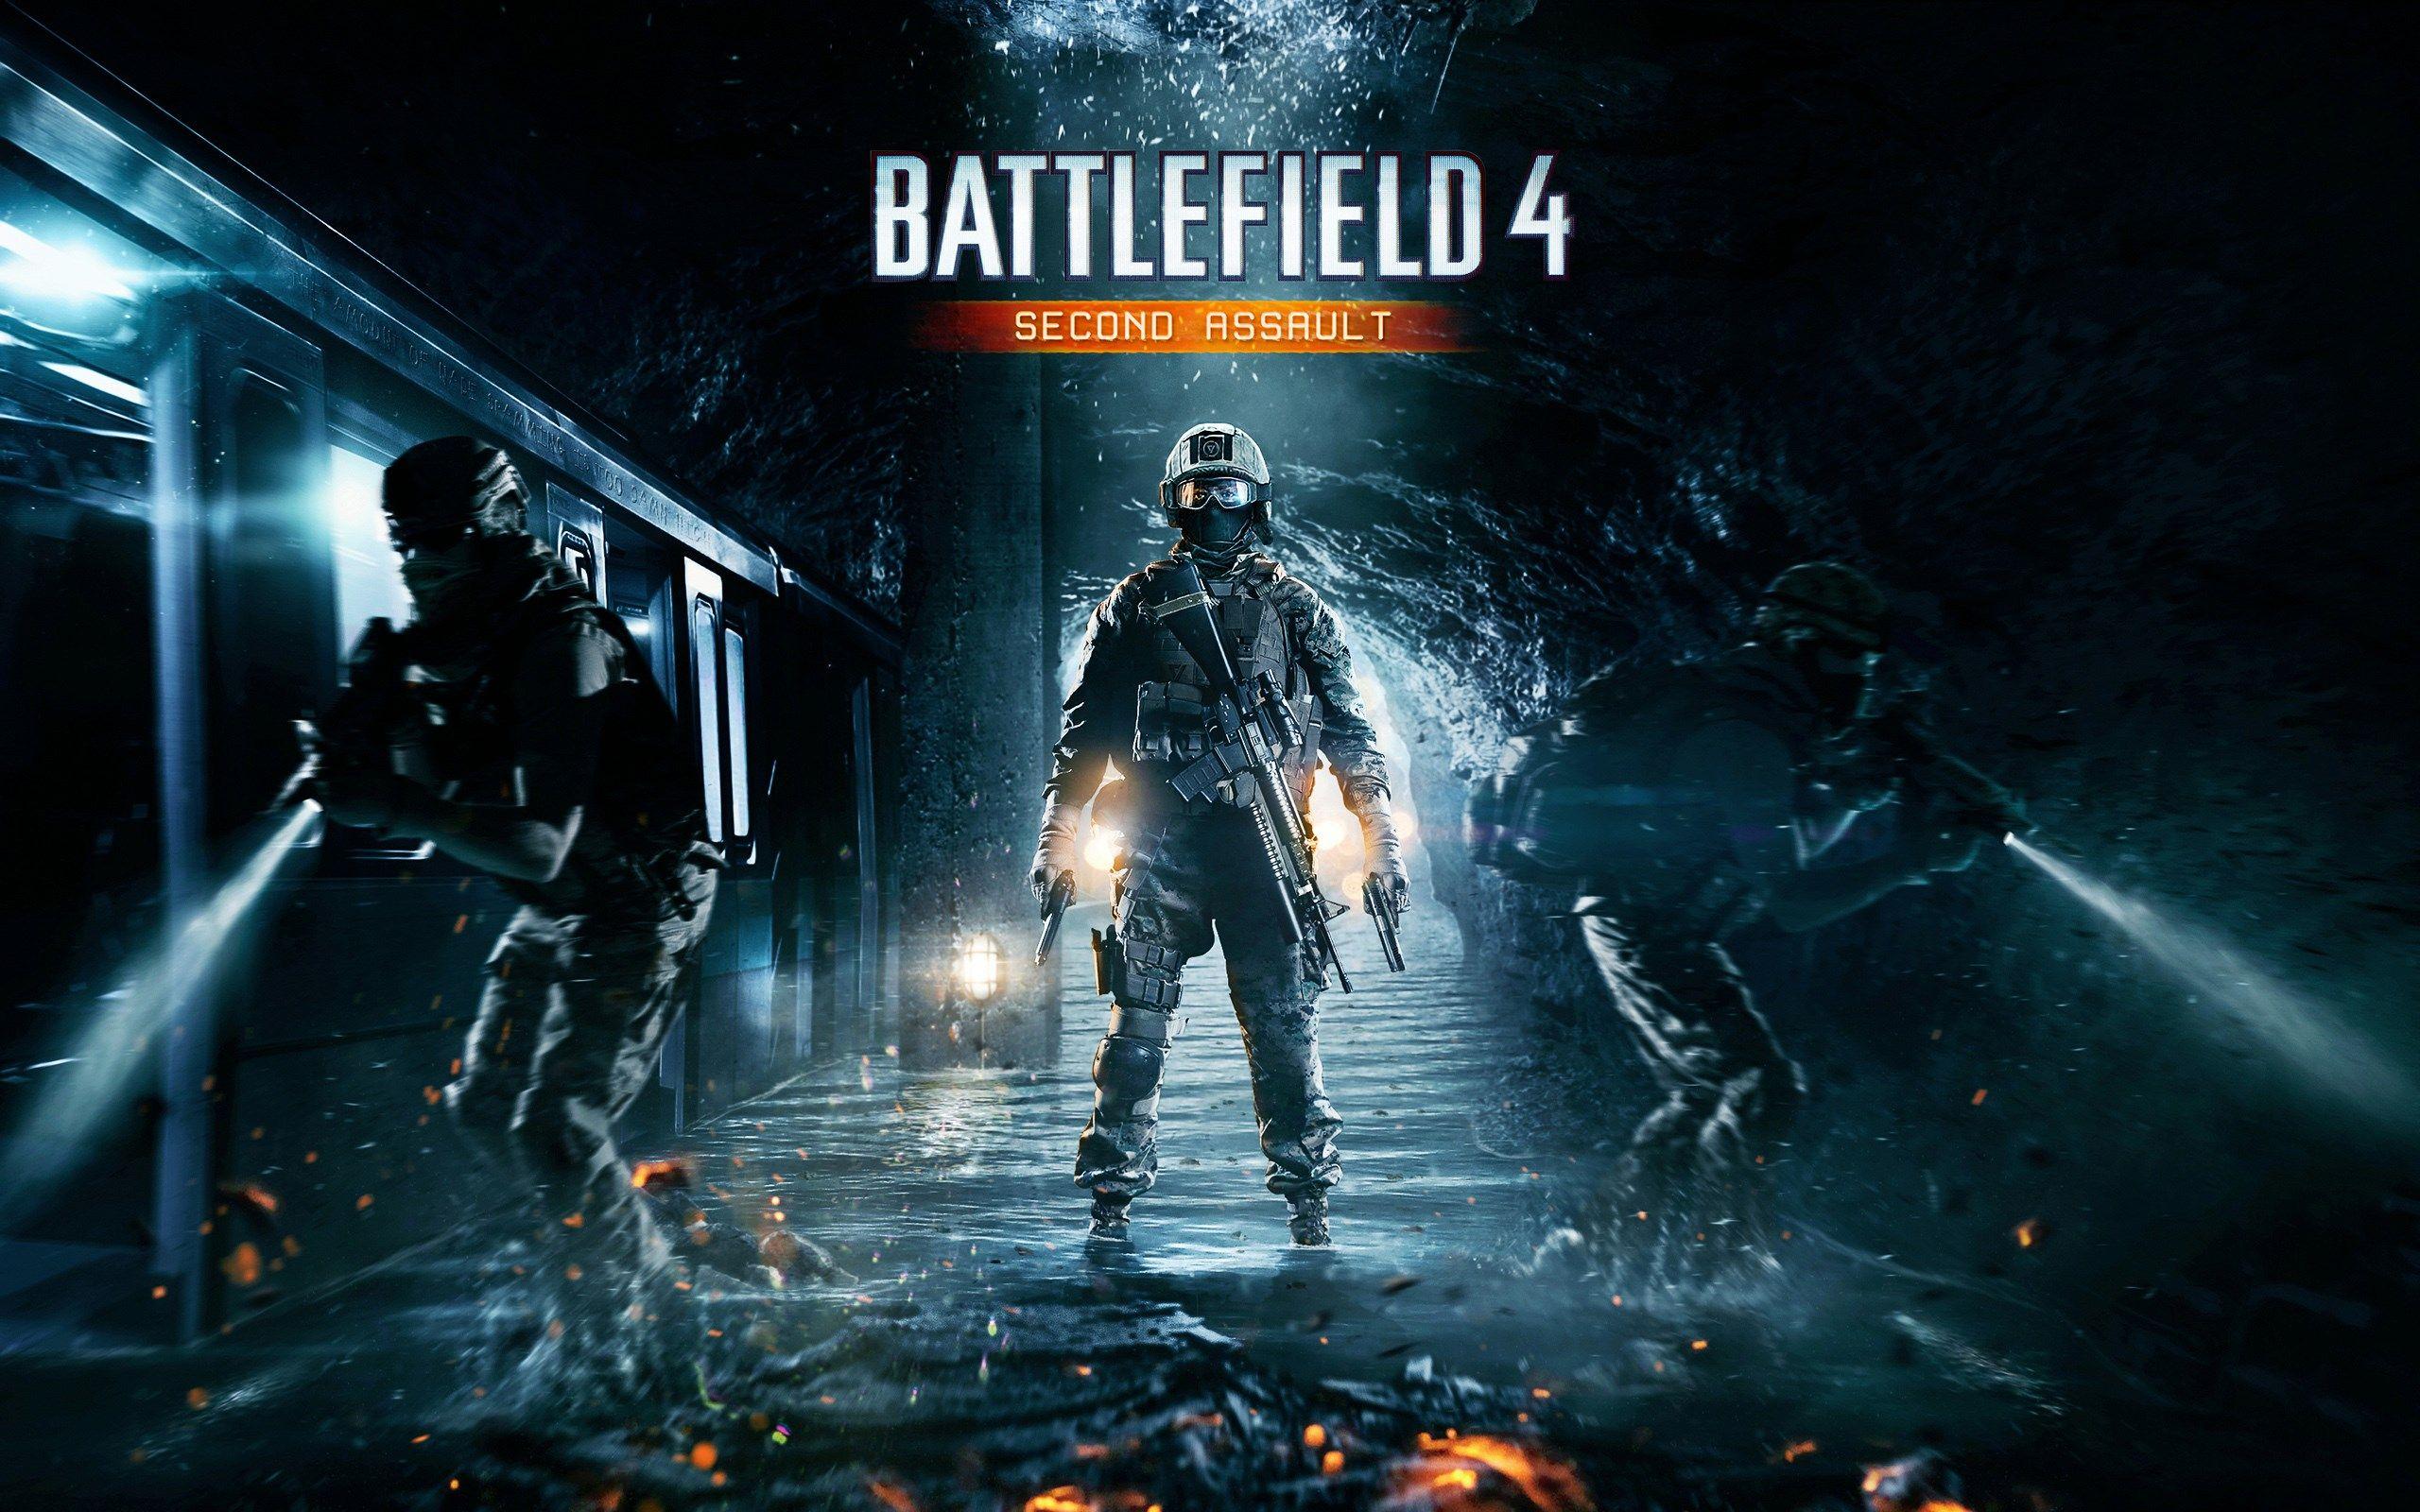 2560x1600 Battlefield 4 Second Assault Game Wallpaper